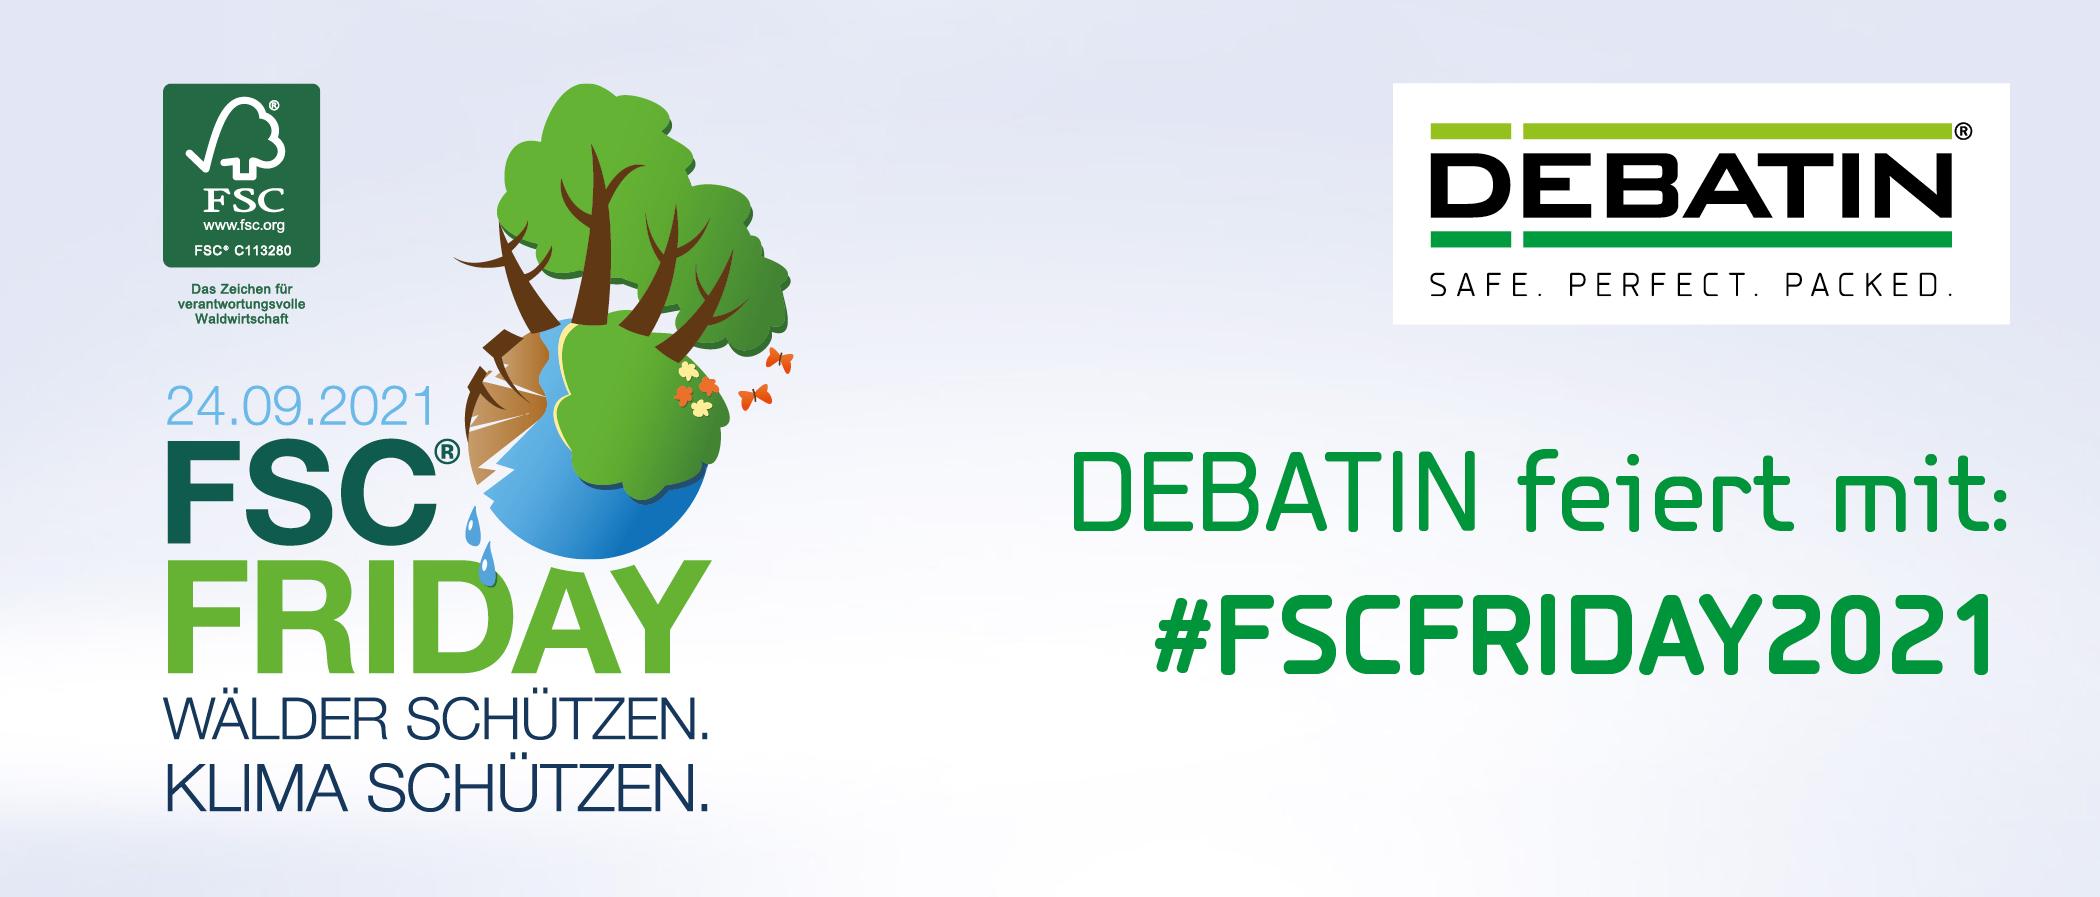 #FSCFRIDAY2021